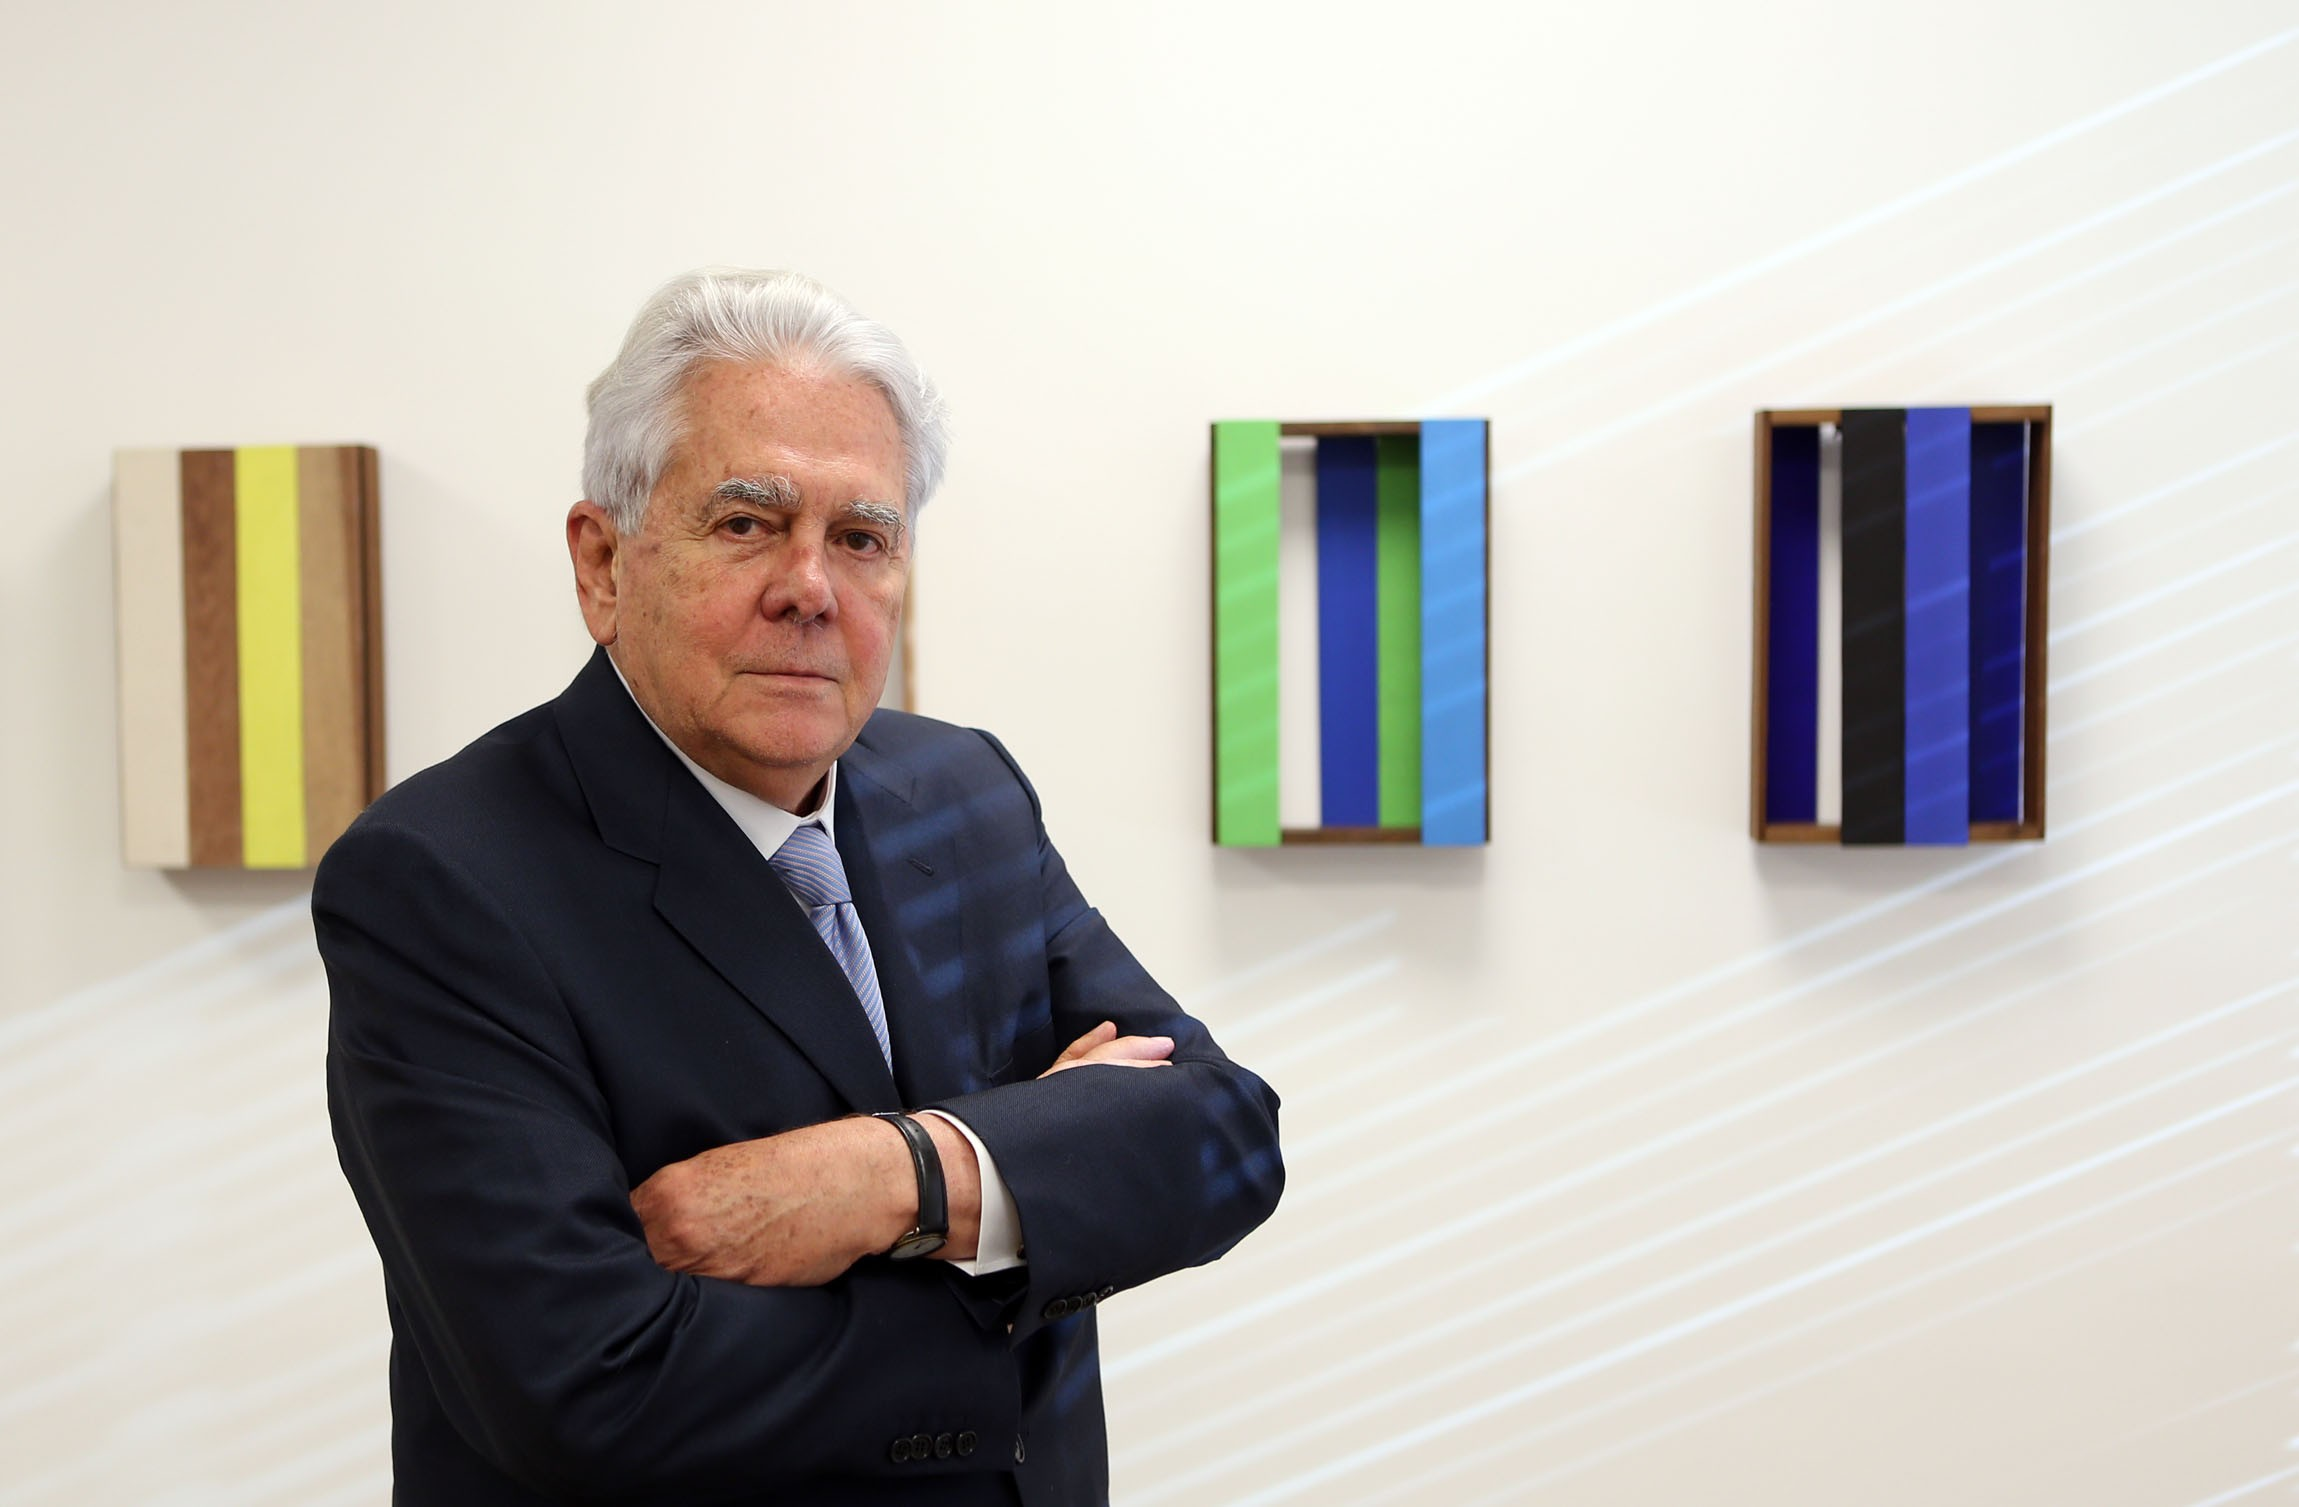 e38a506d066de Ele tinha 83 anos e faleceu em São Paulo nesta segunda, após uma  queda com  trauma cranioencefálico . Fernão Bracher, ex-presidente do Banco Central e  então ...